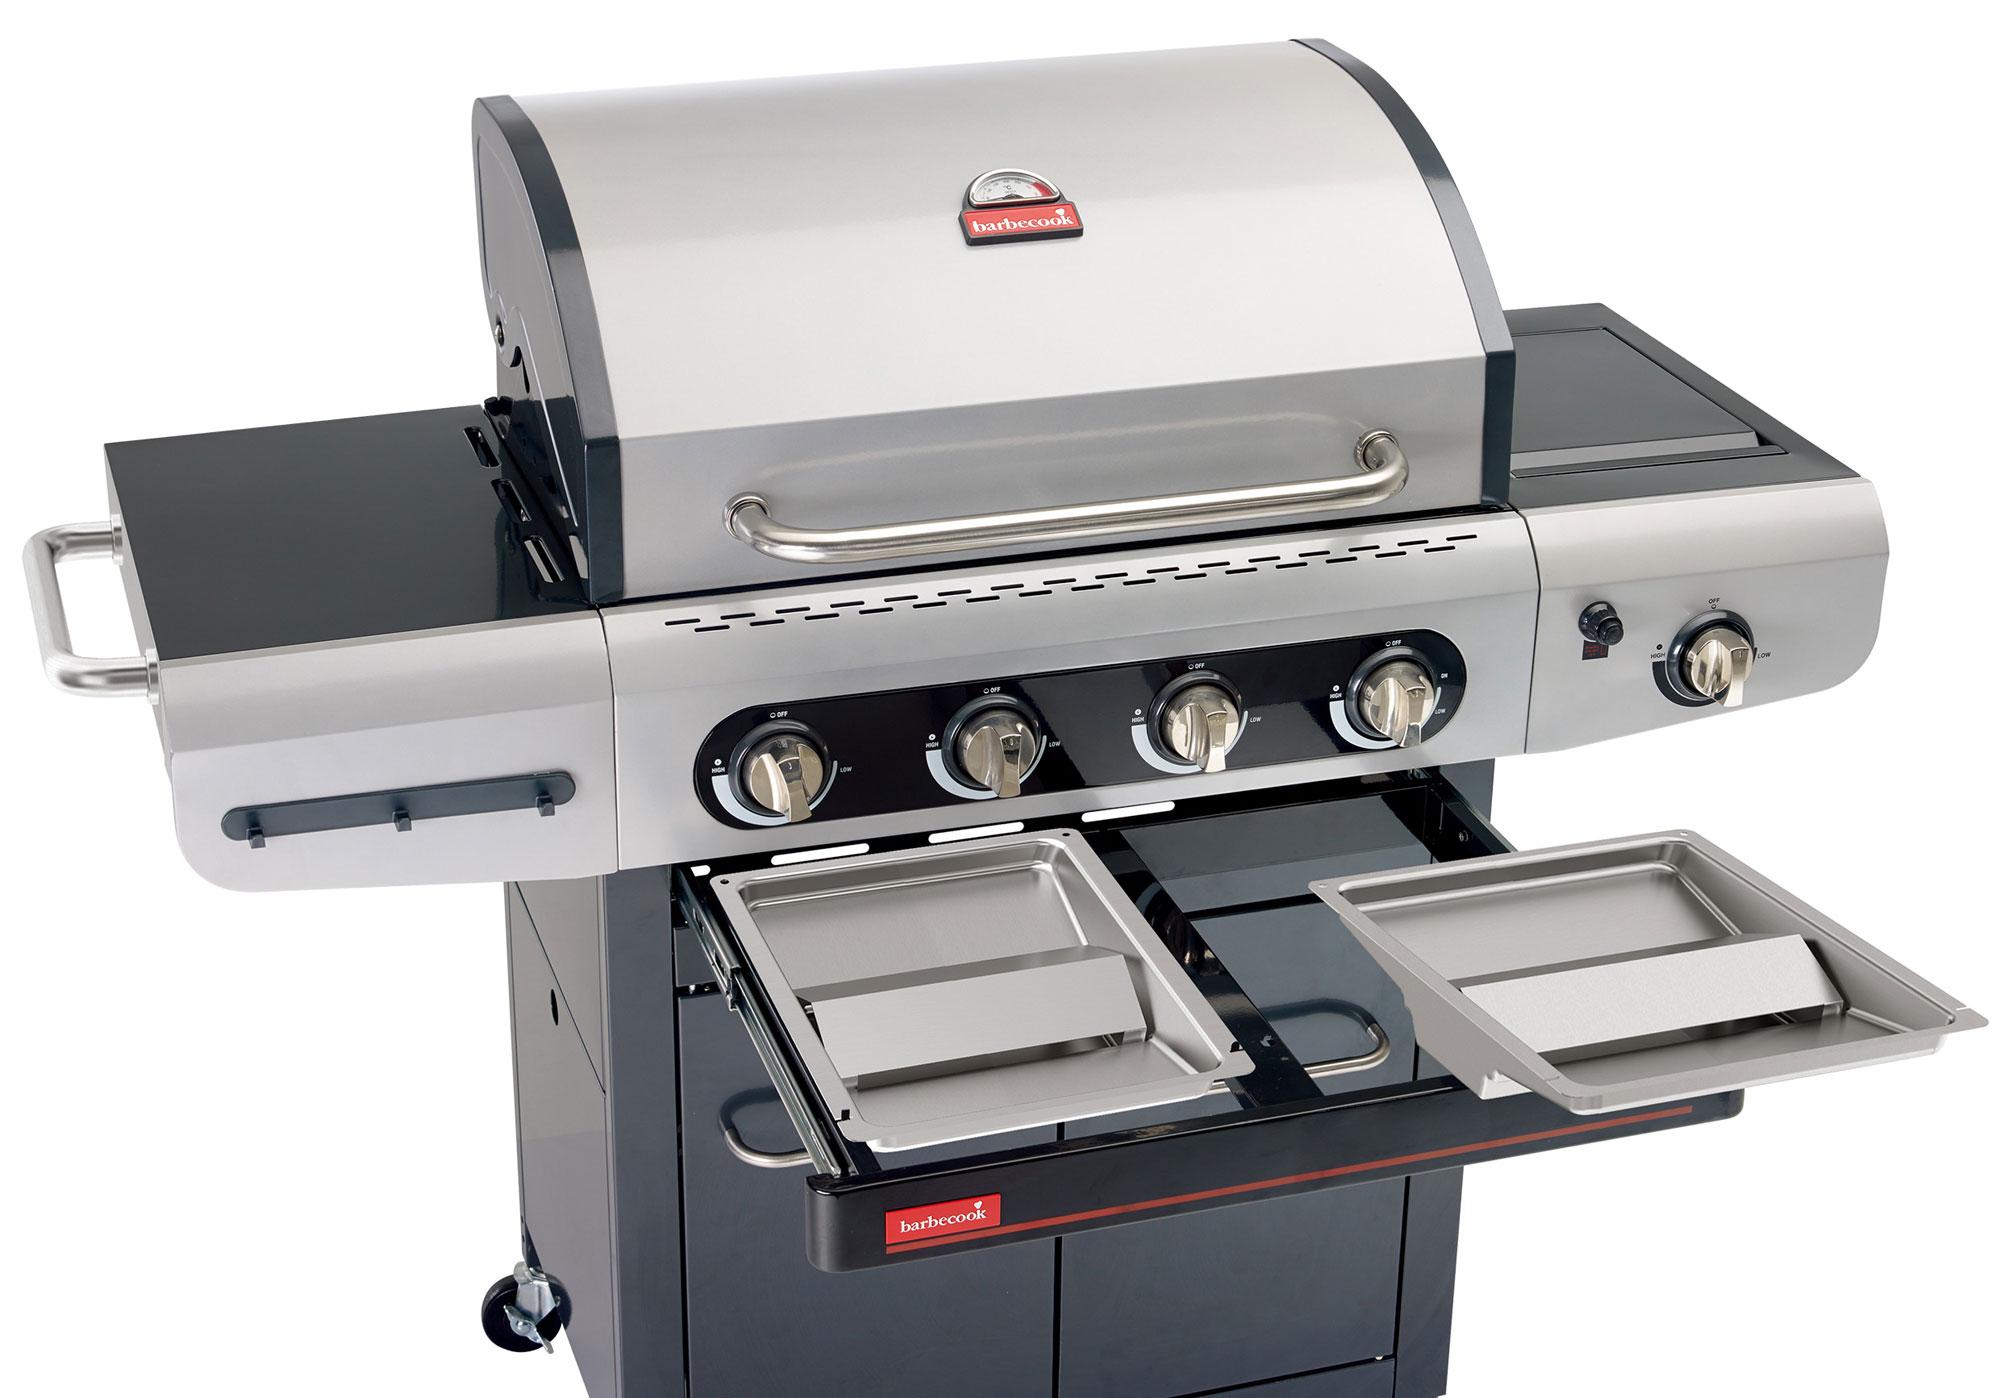 Gasgrill / Gasgrillwagen barbecook Siesta 412 Grillfläche 70x43cm 14kW Bild 3